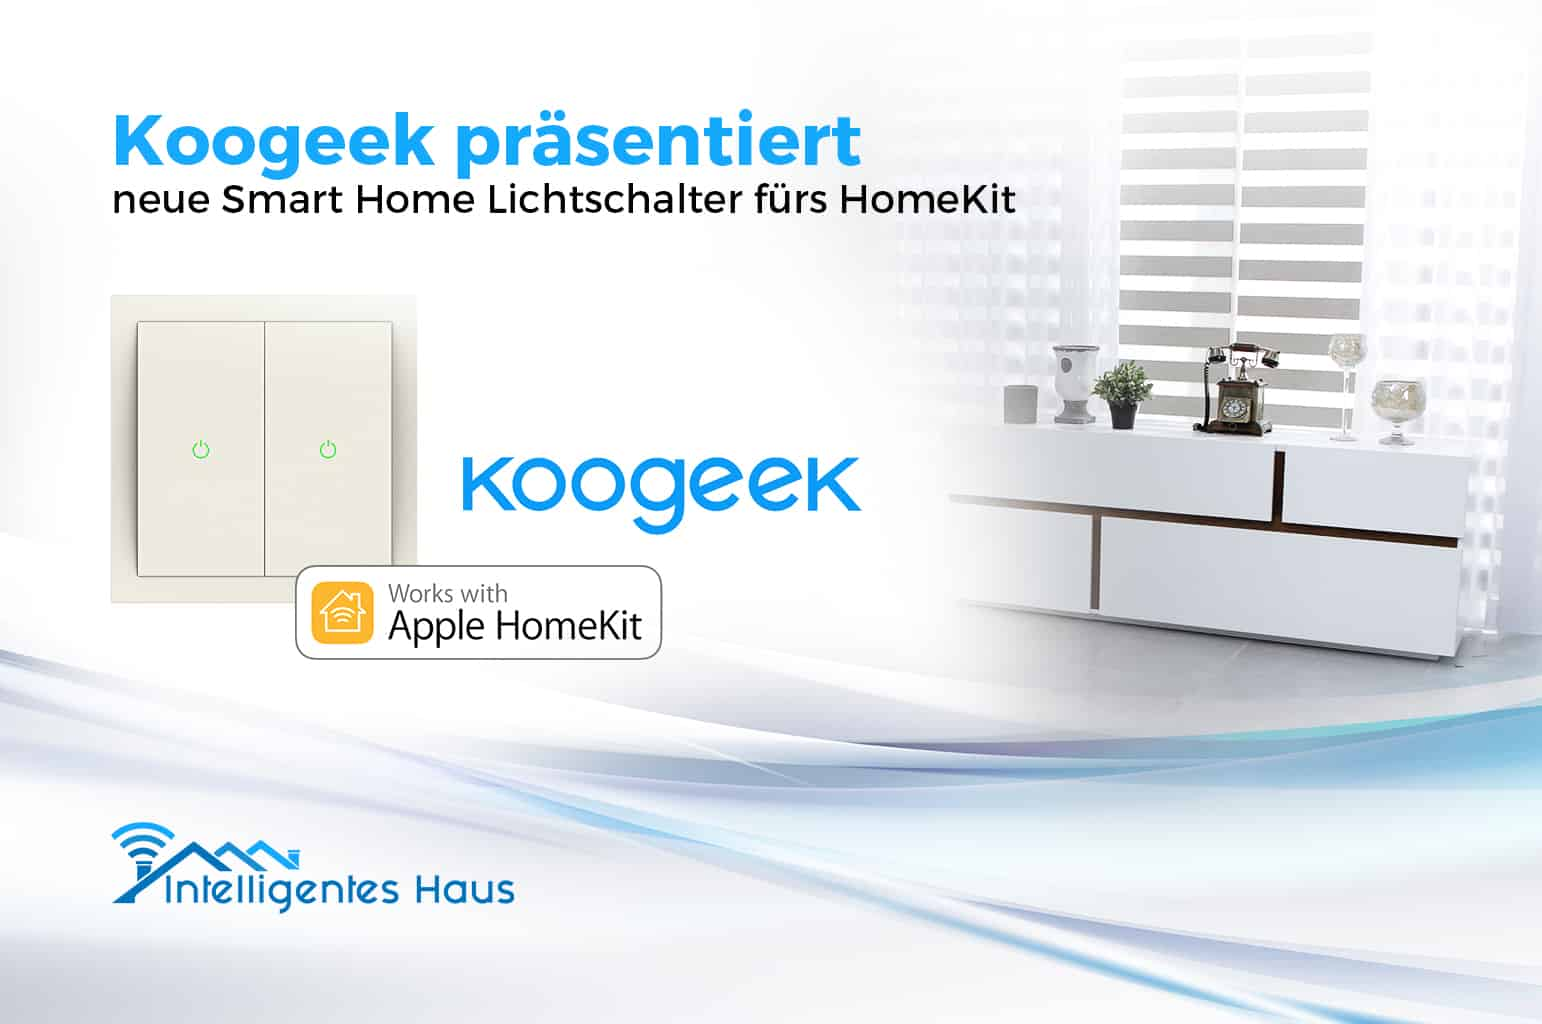 Charmant Lichtschalter Nach Hause Schaltplan Bilder - Der ...